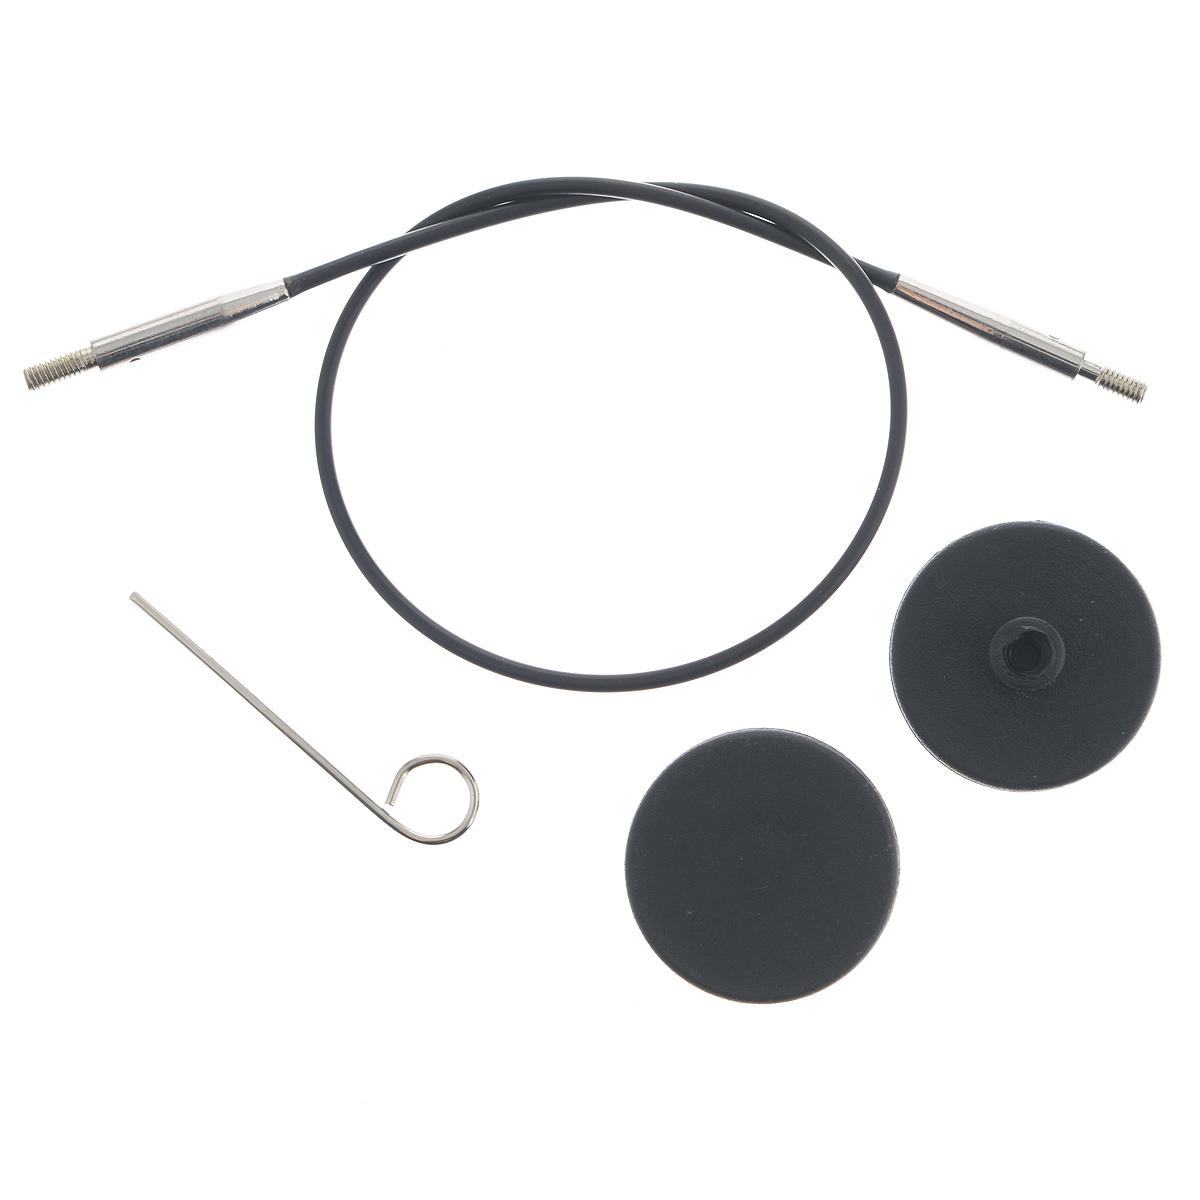 Набор для спиц KnitPro, цвет: черный, 4 предмета10520Набор для съемных укороченных спиц KnitPro состоит из тросика, 2 заглушек и ключика. Длинное резьбовое соединение на тросике гарантирует, что он не открутится от спицы на протяжении всего вязания. Ключик для лески помогает легче затягивать резьбу при присоединении спиц. А торцевые заглушки пригодятся, если вы захотите временно отложить вязание, при этом использовав спицы в другом проекте. Ваше вязание при это останется на леске и не распустится. Длина тросика: 20 см. Готовая длина спиц: 40 см. Диаметр заглушки: 2,5 см.